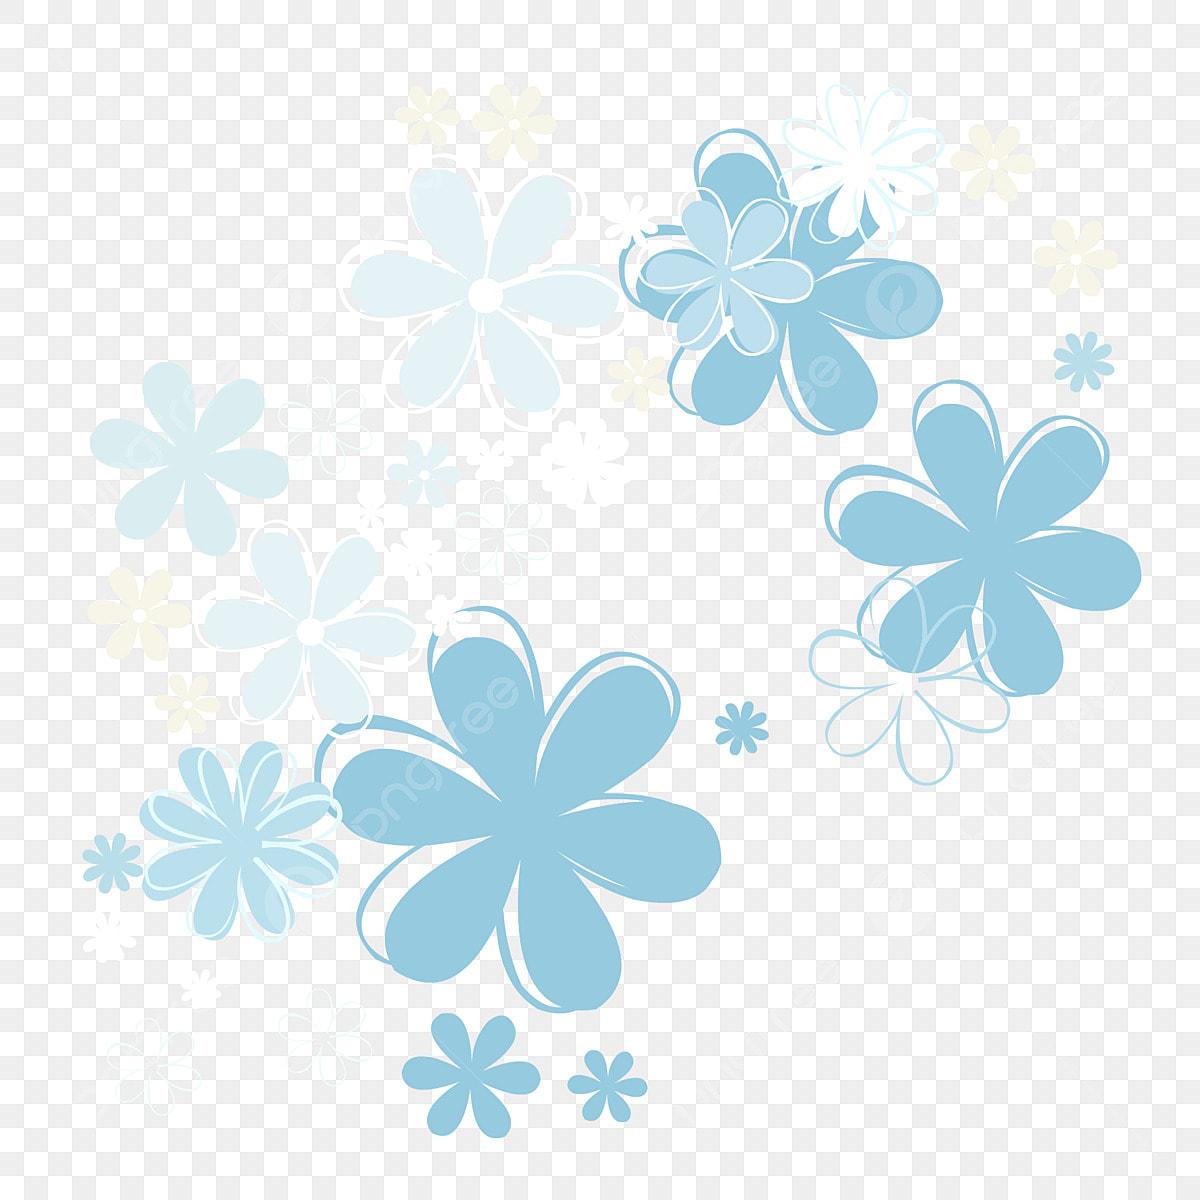 Petalas De Flores Mao Desenhada Dos Desenhos Animados Flutuando